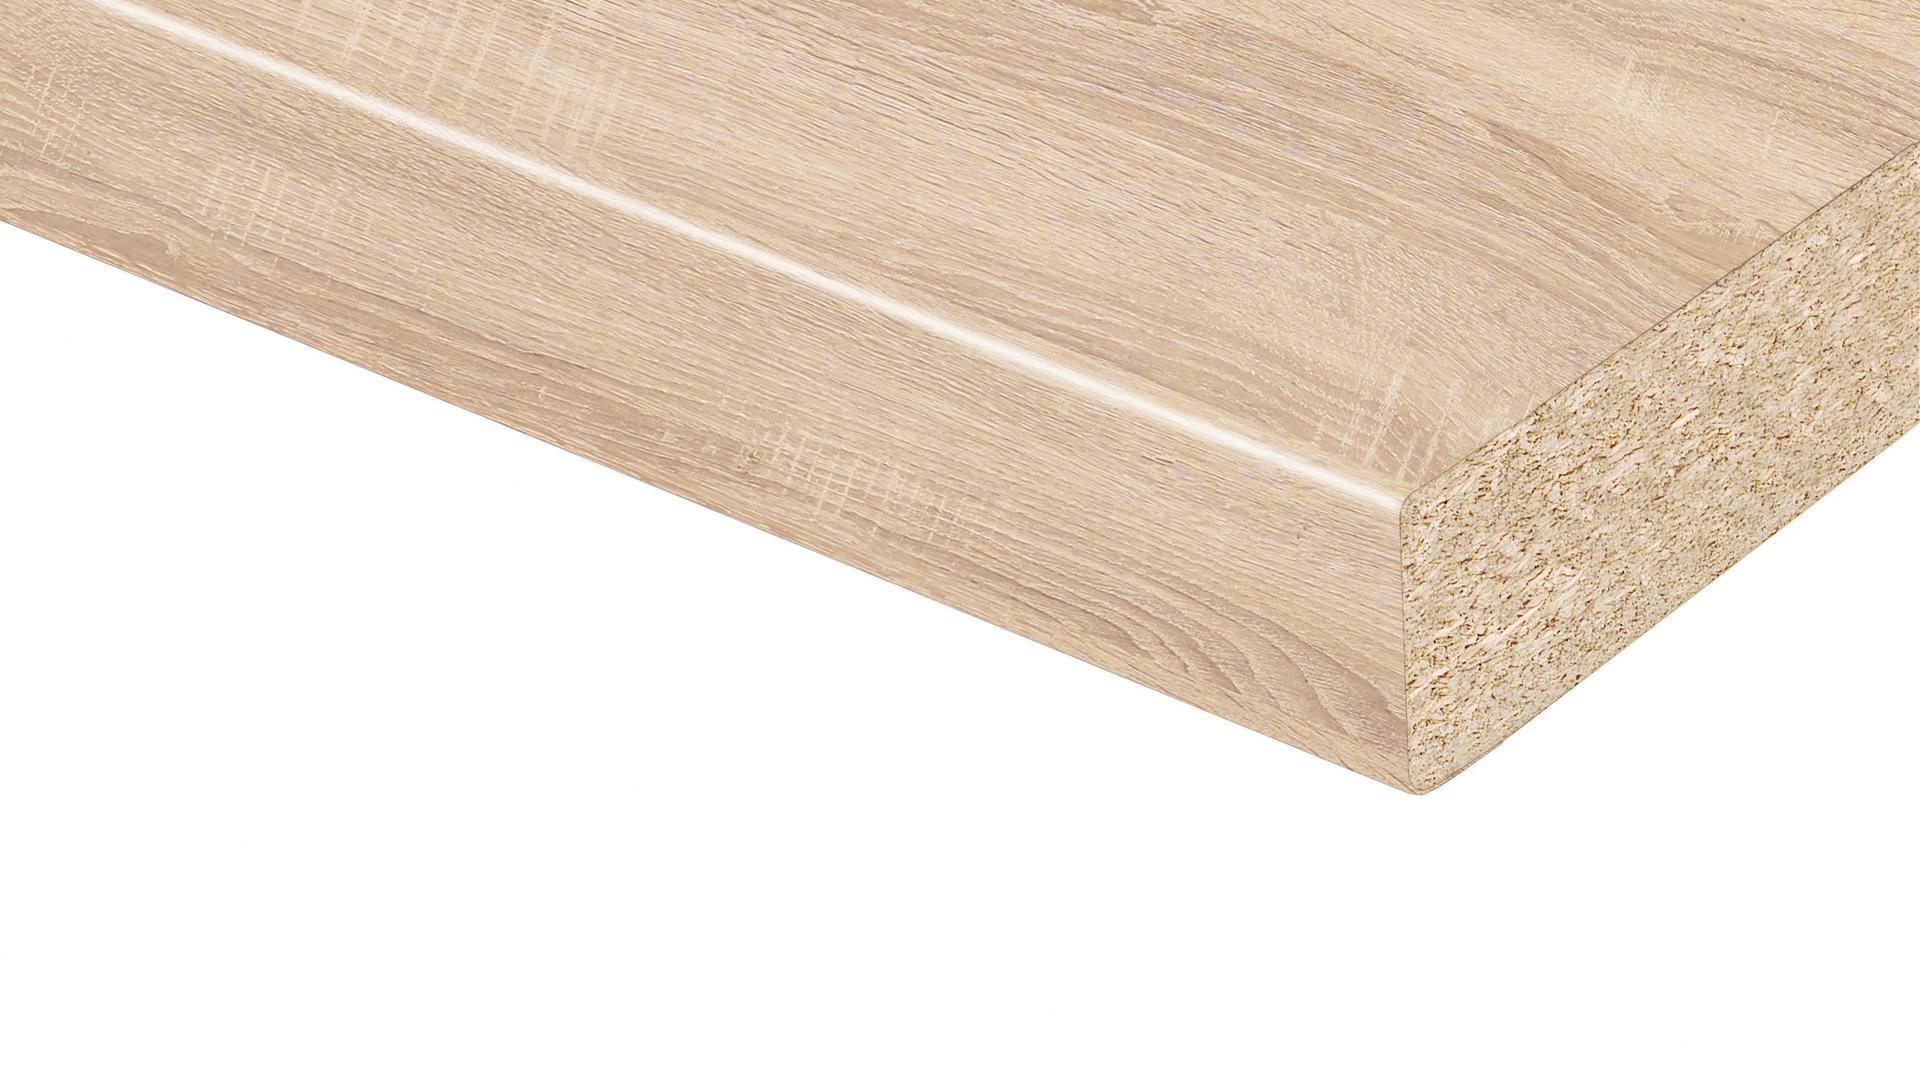 34038 at sonoma eiche hell platte kaindl. Black Bedroom Furniture Sets. Home Design Ideas